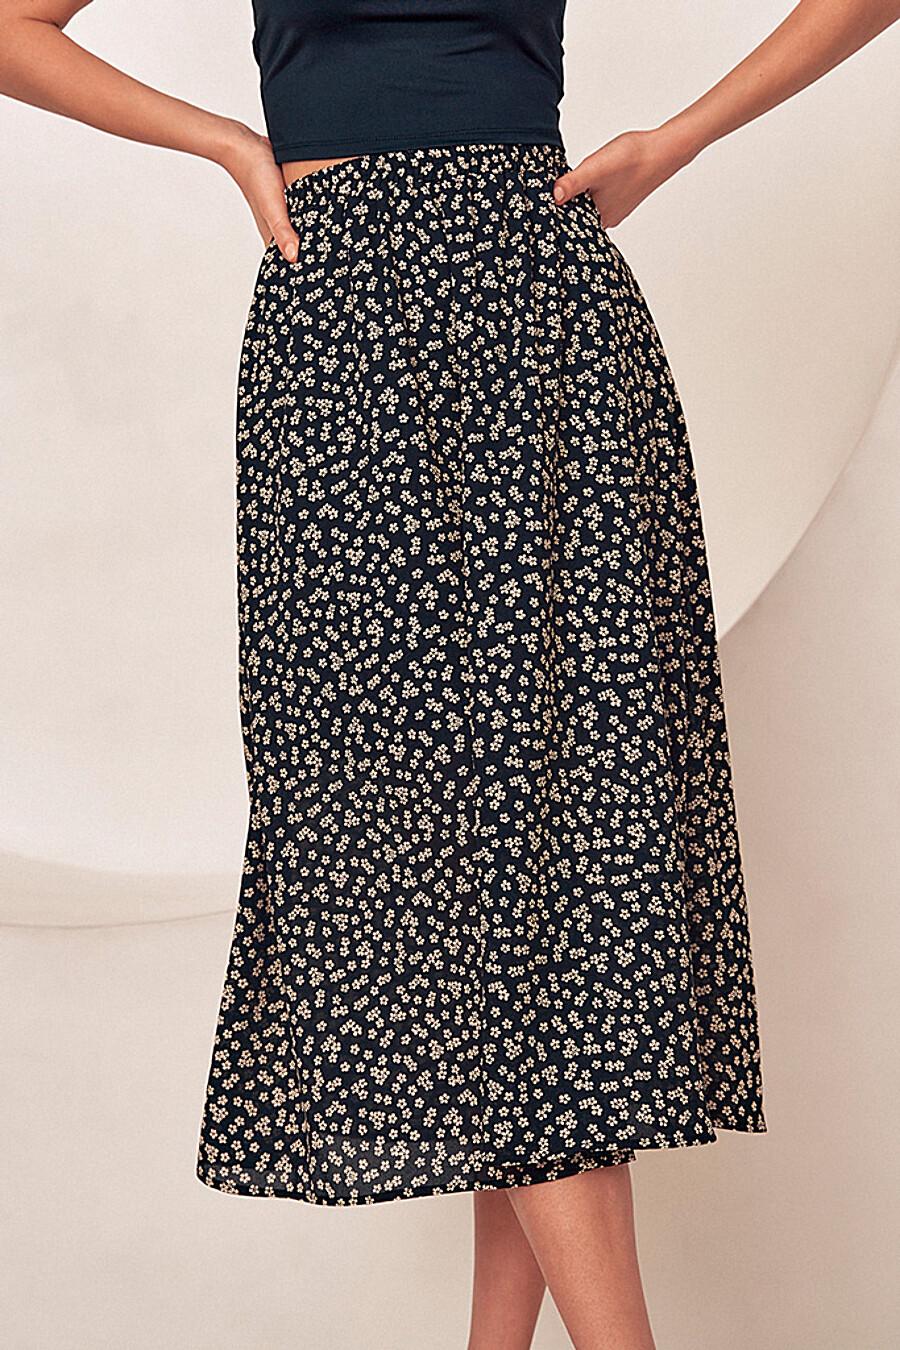 Юбка для женщин VITTORIA VICCI 649095 купить оптом от производителя. Совместная покупка женской одежды в OptMoyo